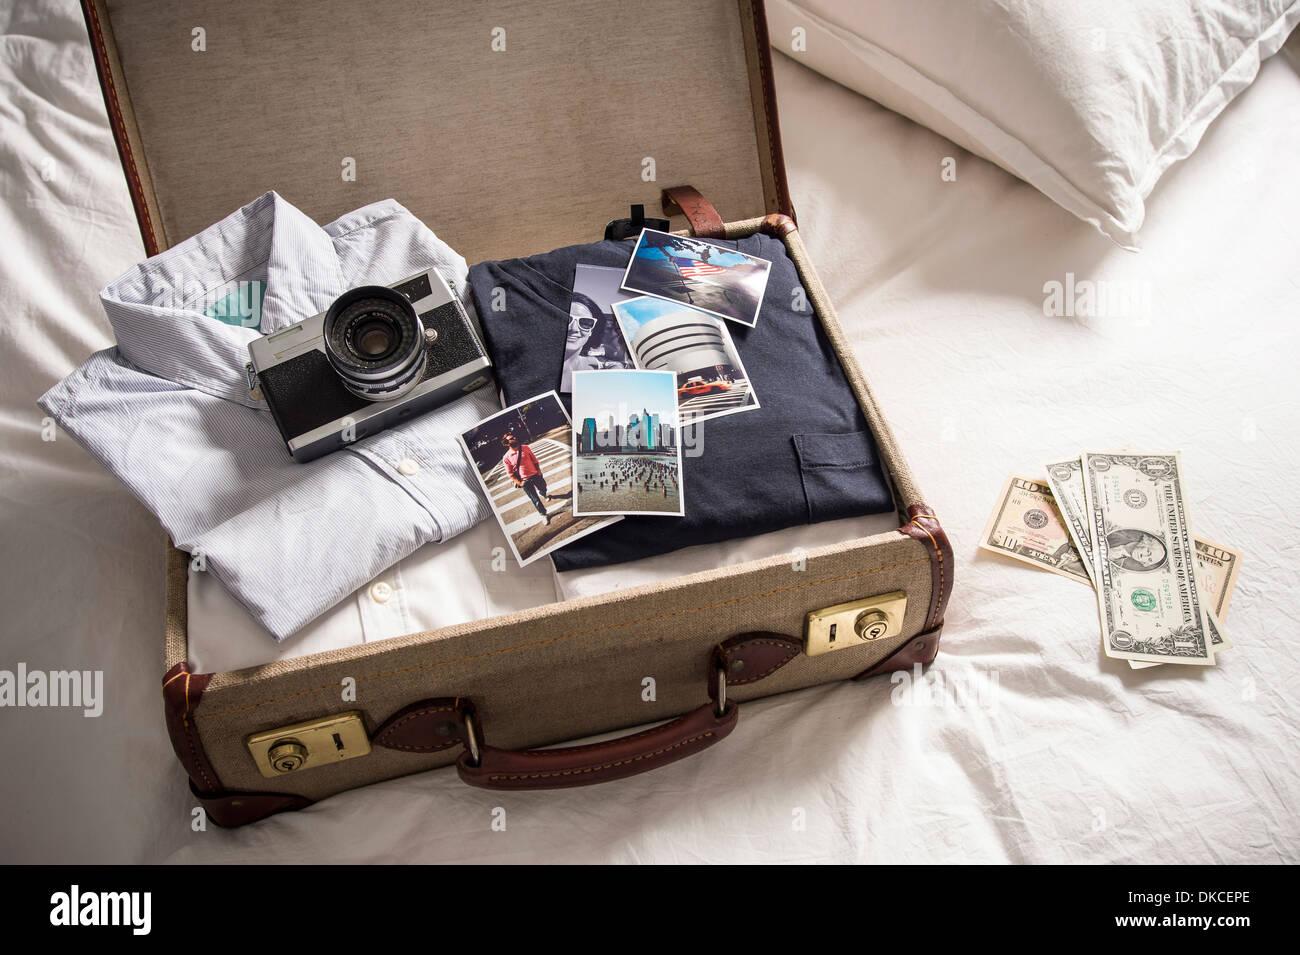 Valise ouverte sur le lit avec l'appareil photo et les photos Photo Stock